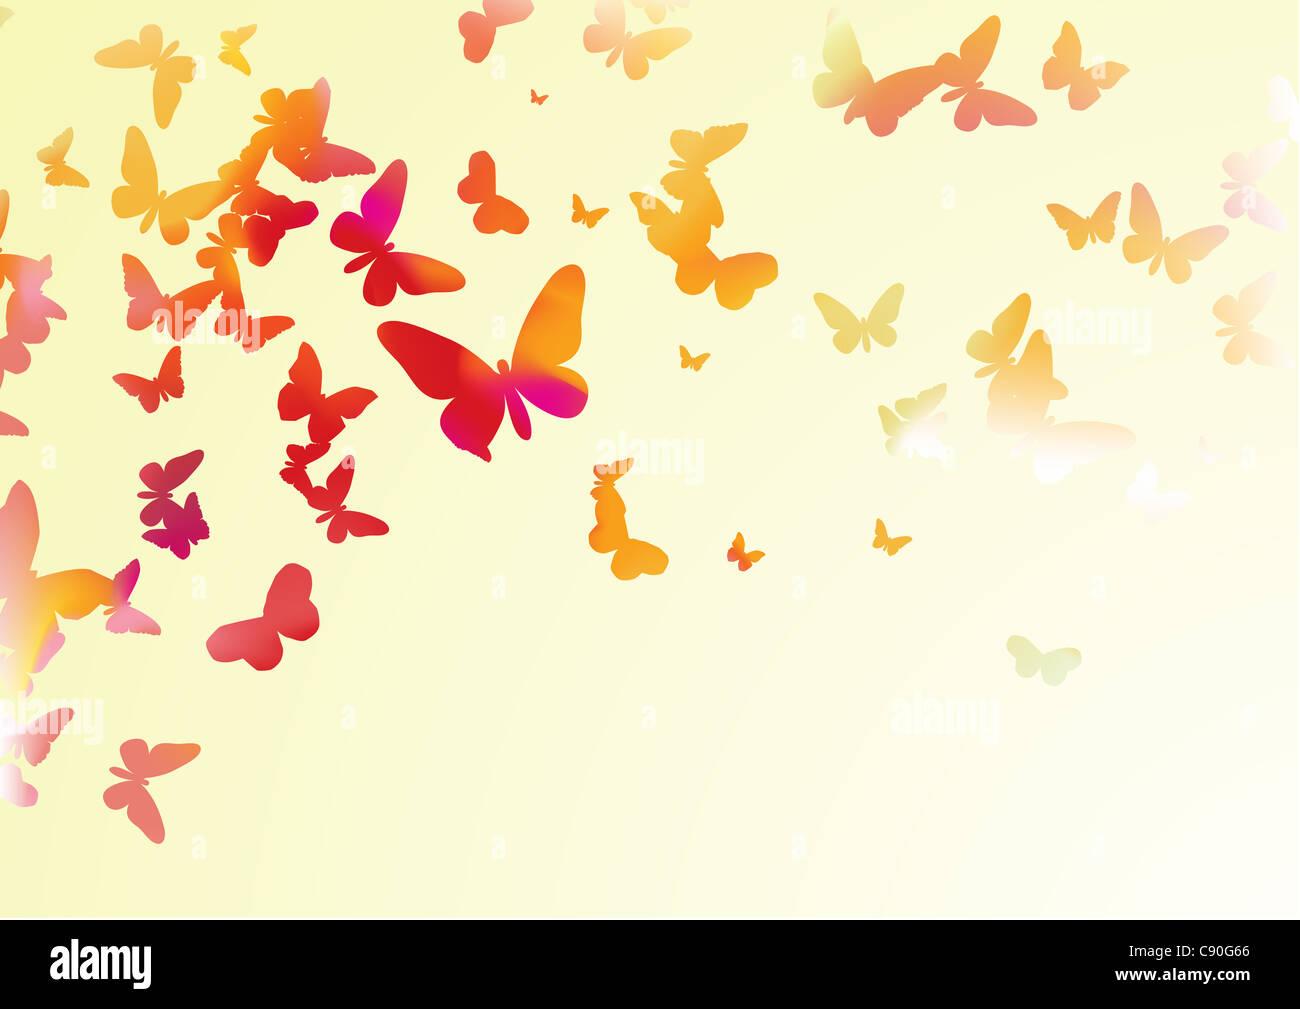 Illustrazione di numerose farfalle variopinte di diverse forme di volare intorno Immagini Stock